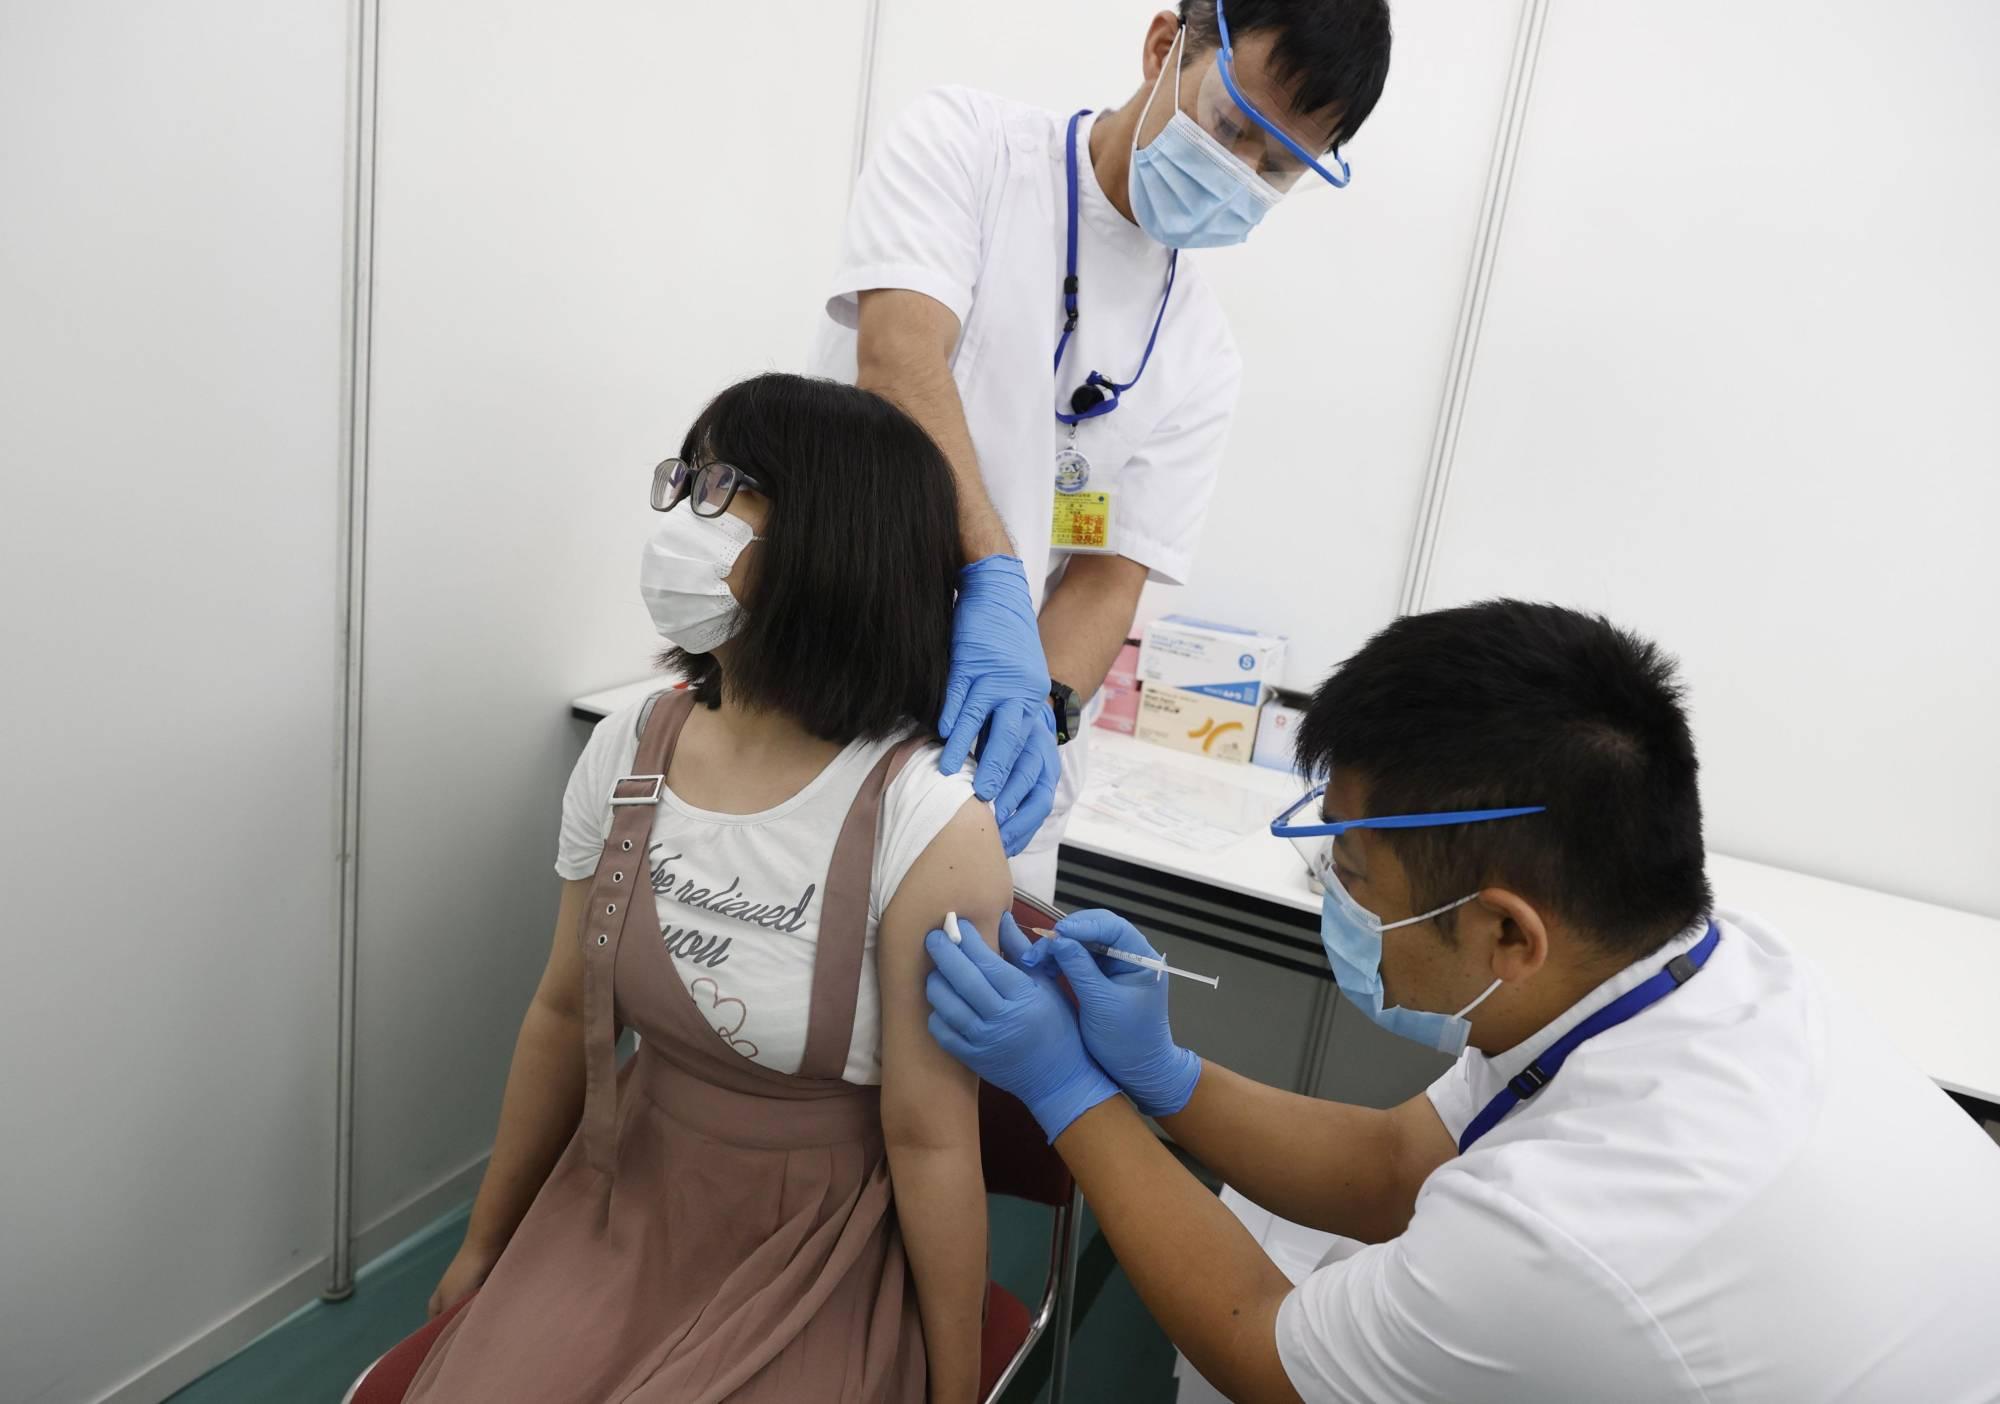 Tình trạng khẩn cấp, được áp dụng cho Tokyo và 18 quận, dự kiến sẽ kết thúc vào cuối tháng